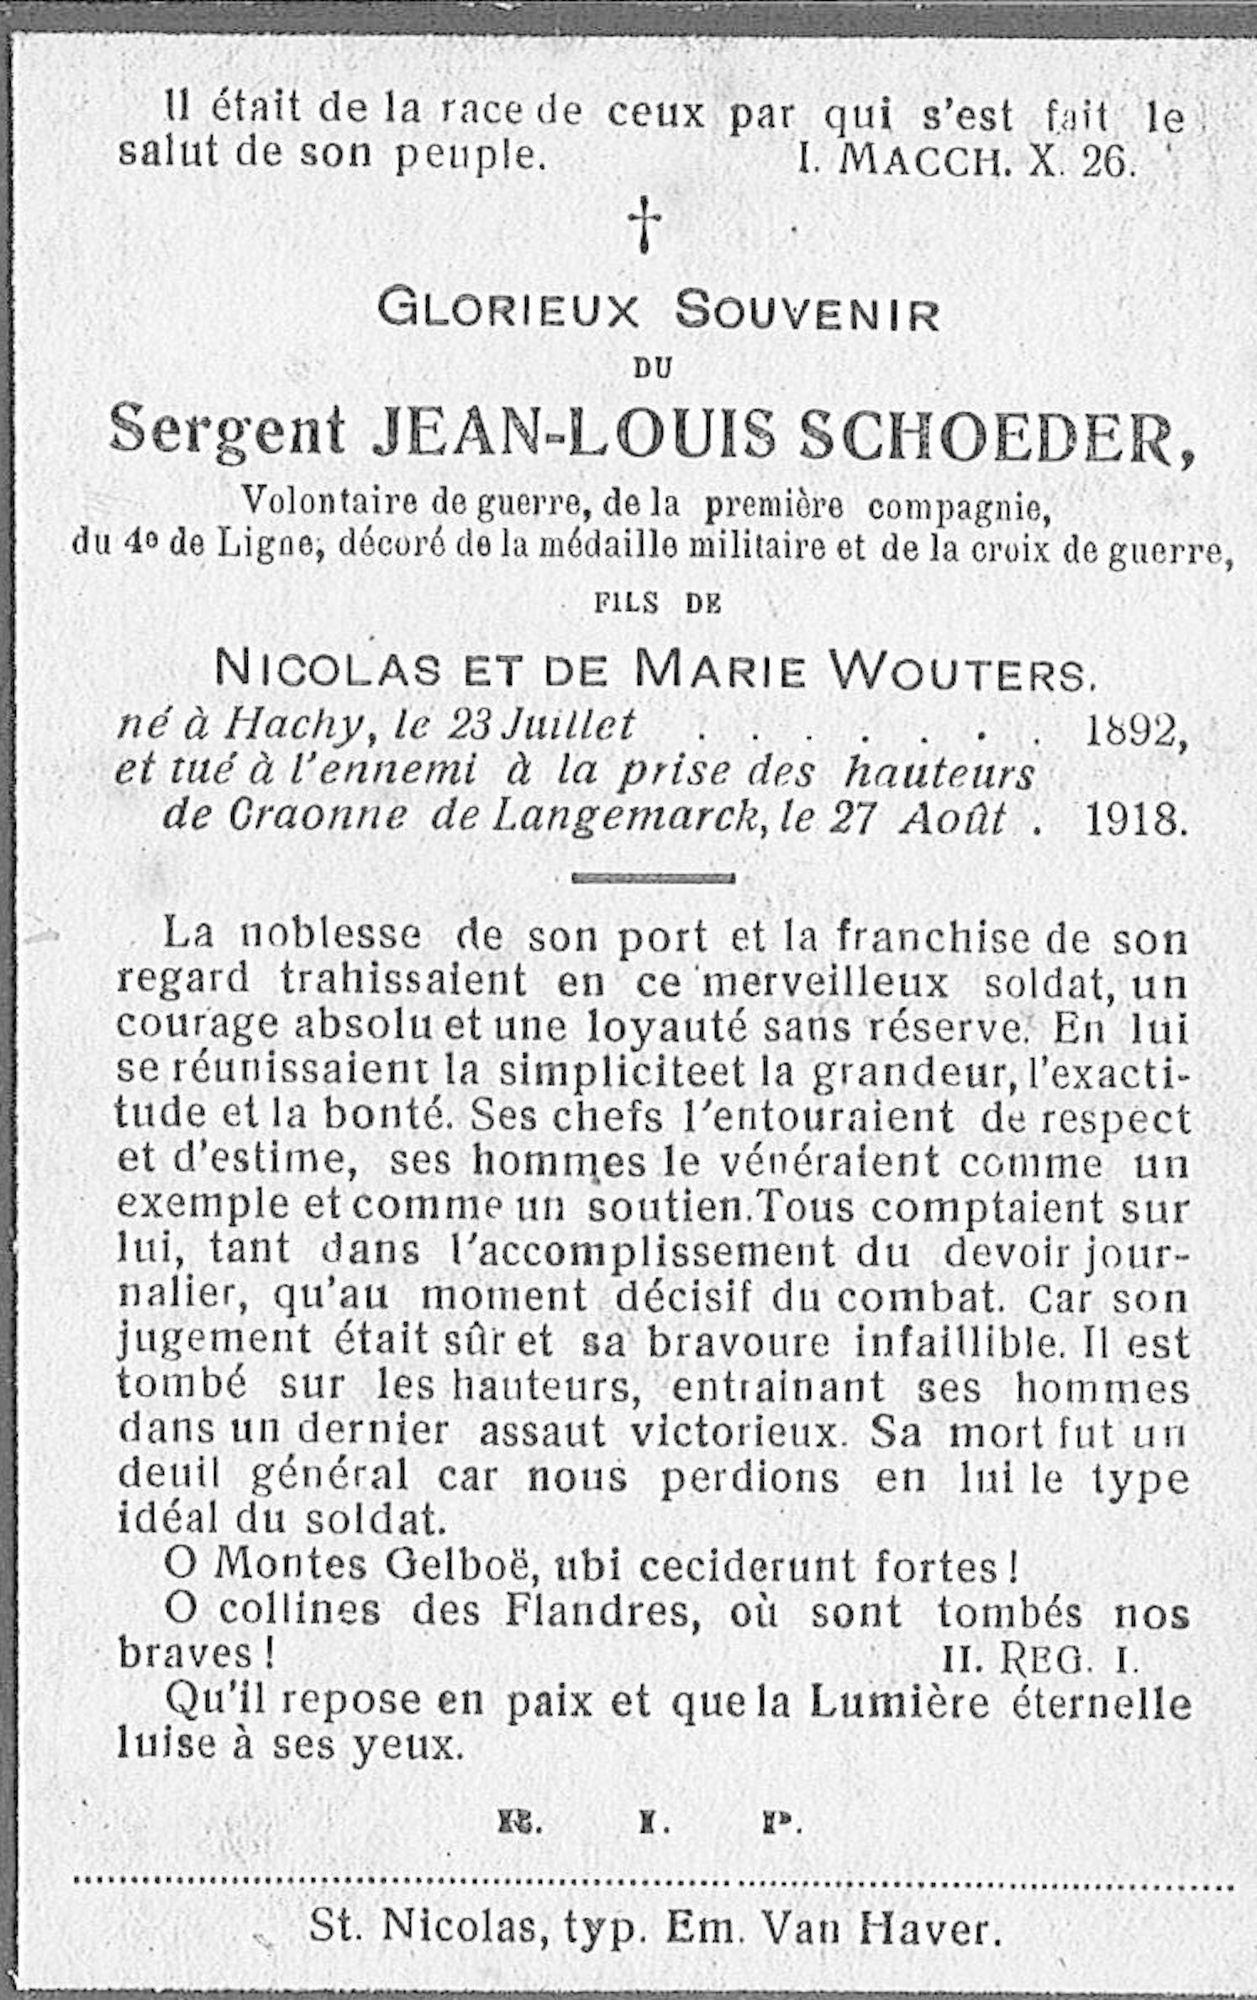 Schoeder Jean-Louis